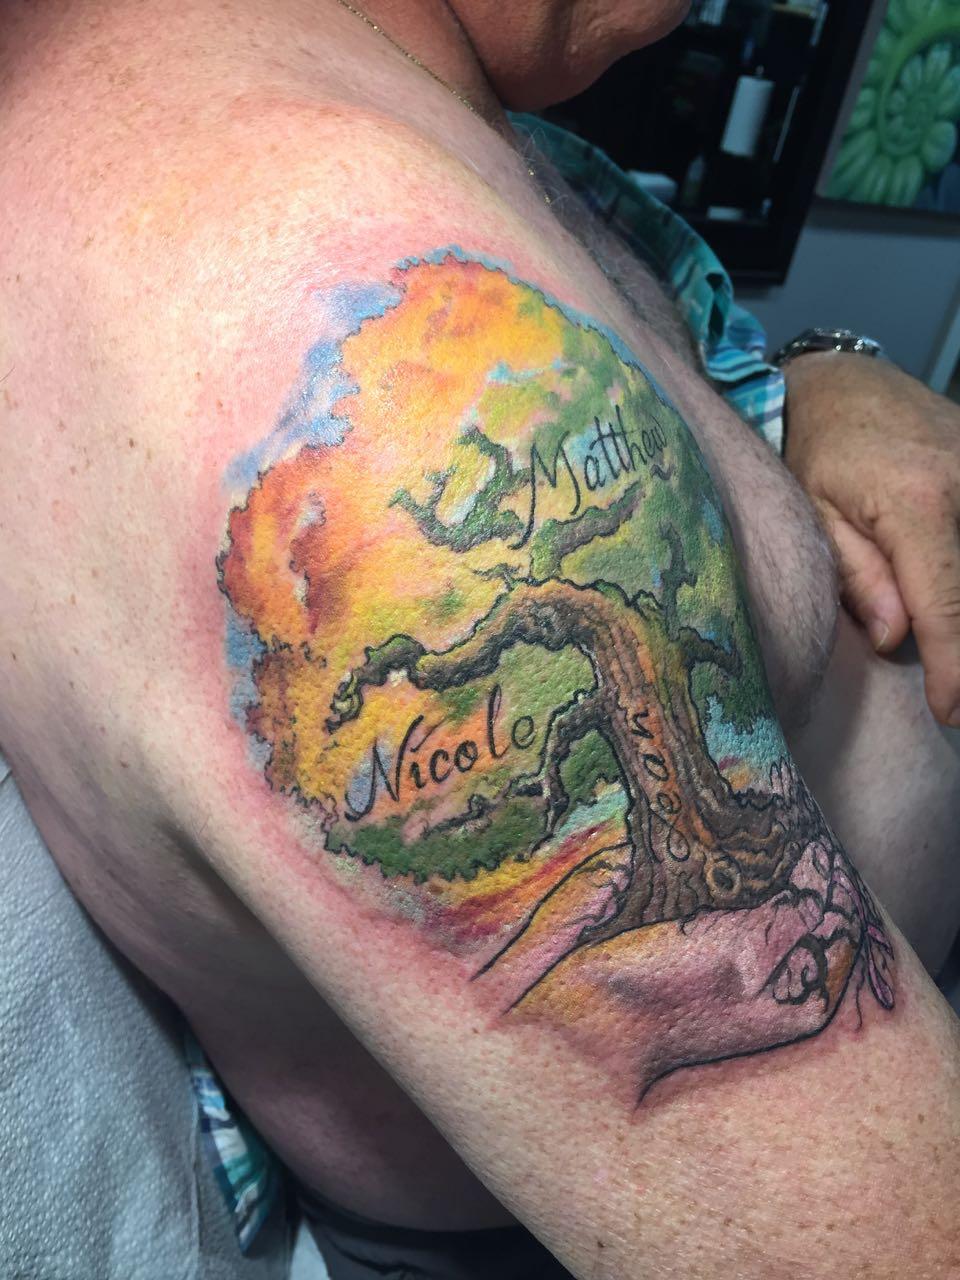 jesse_fowler_tattooer_19 - 10.jpg